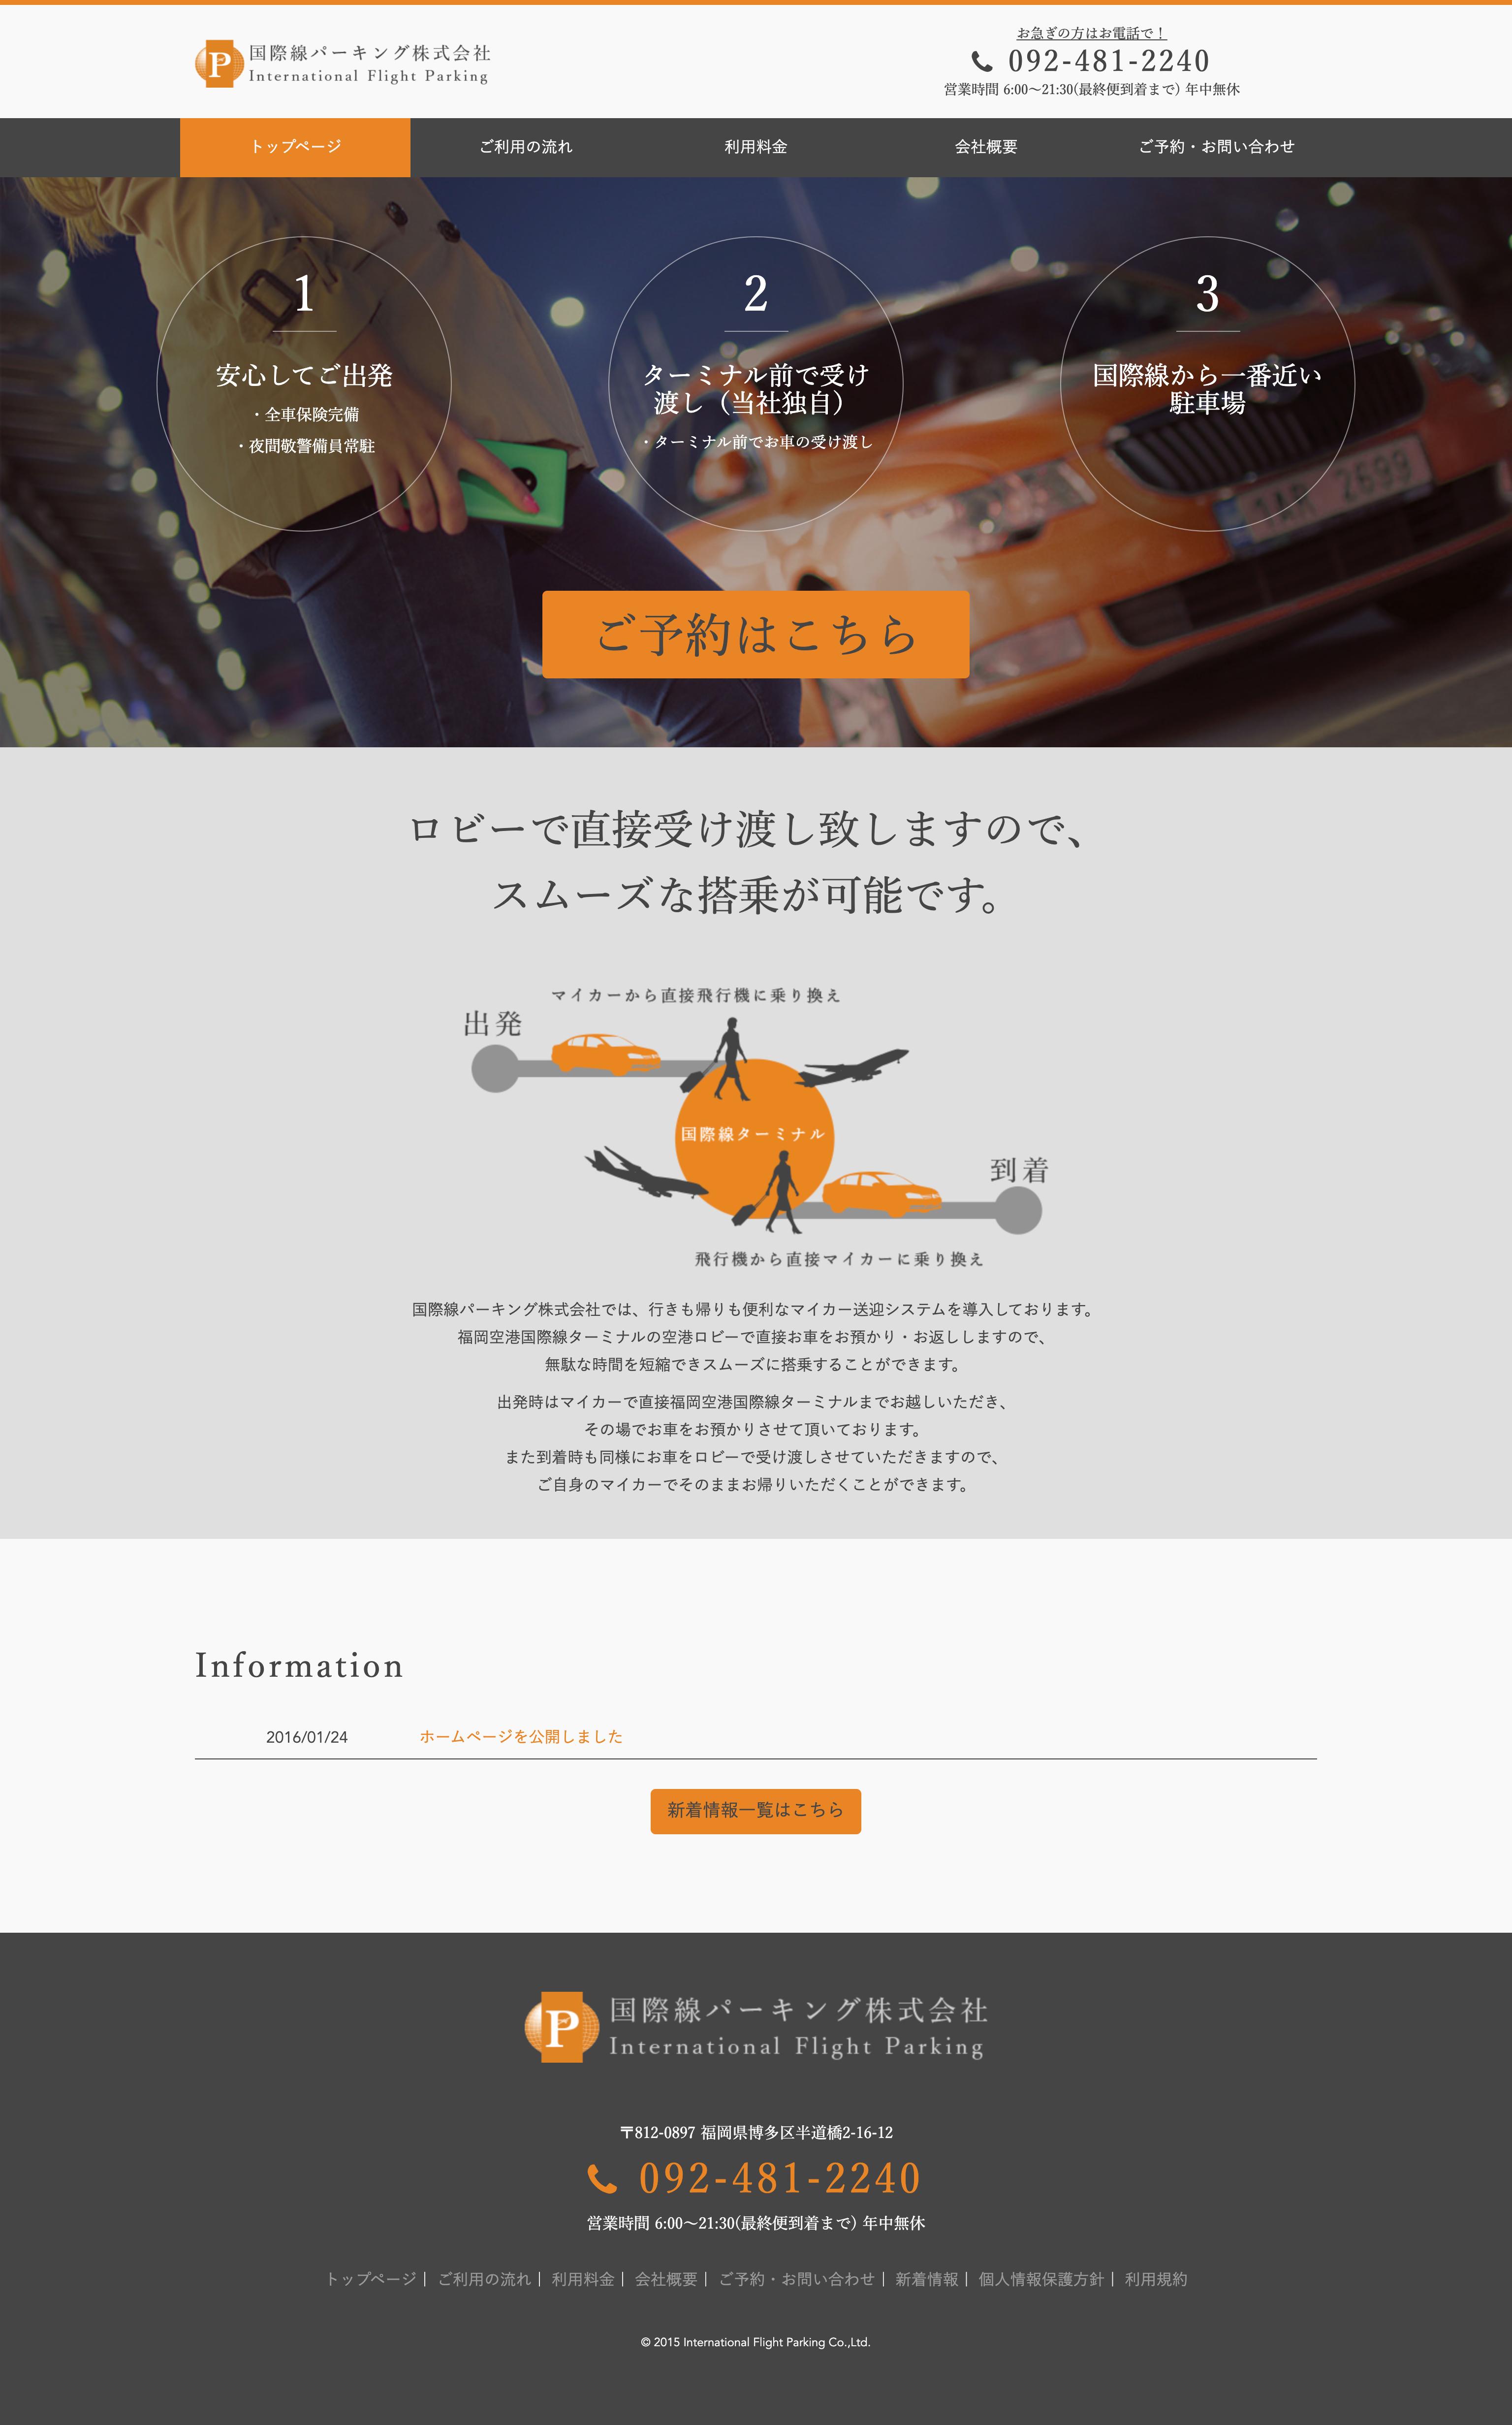 国際線パーキング株式会社様 ホームページ PC画像